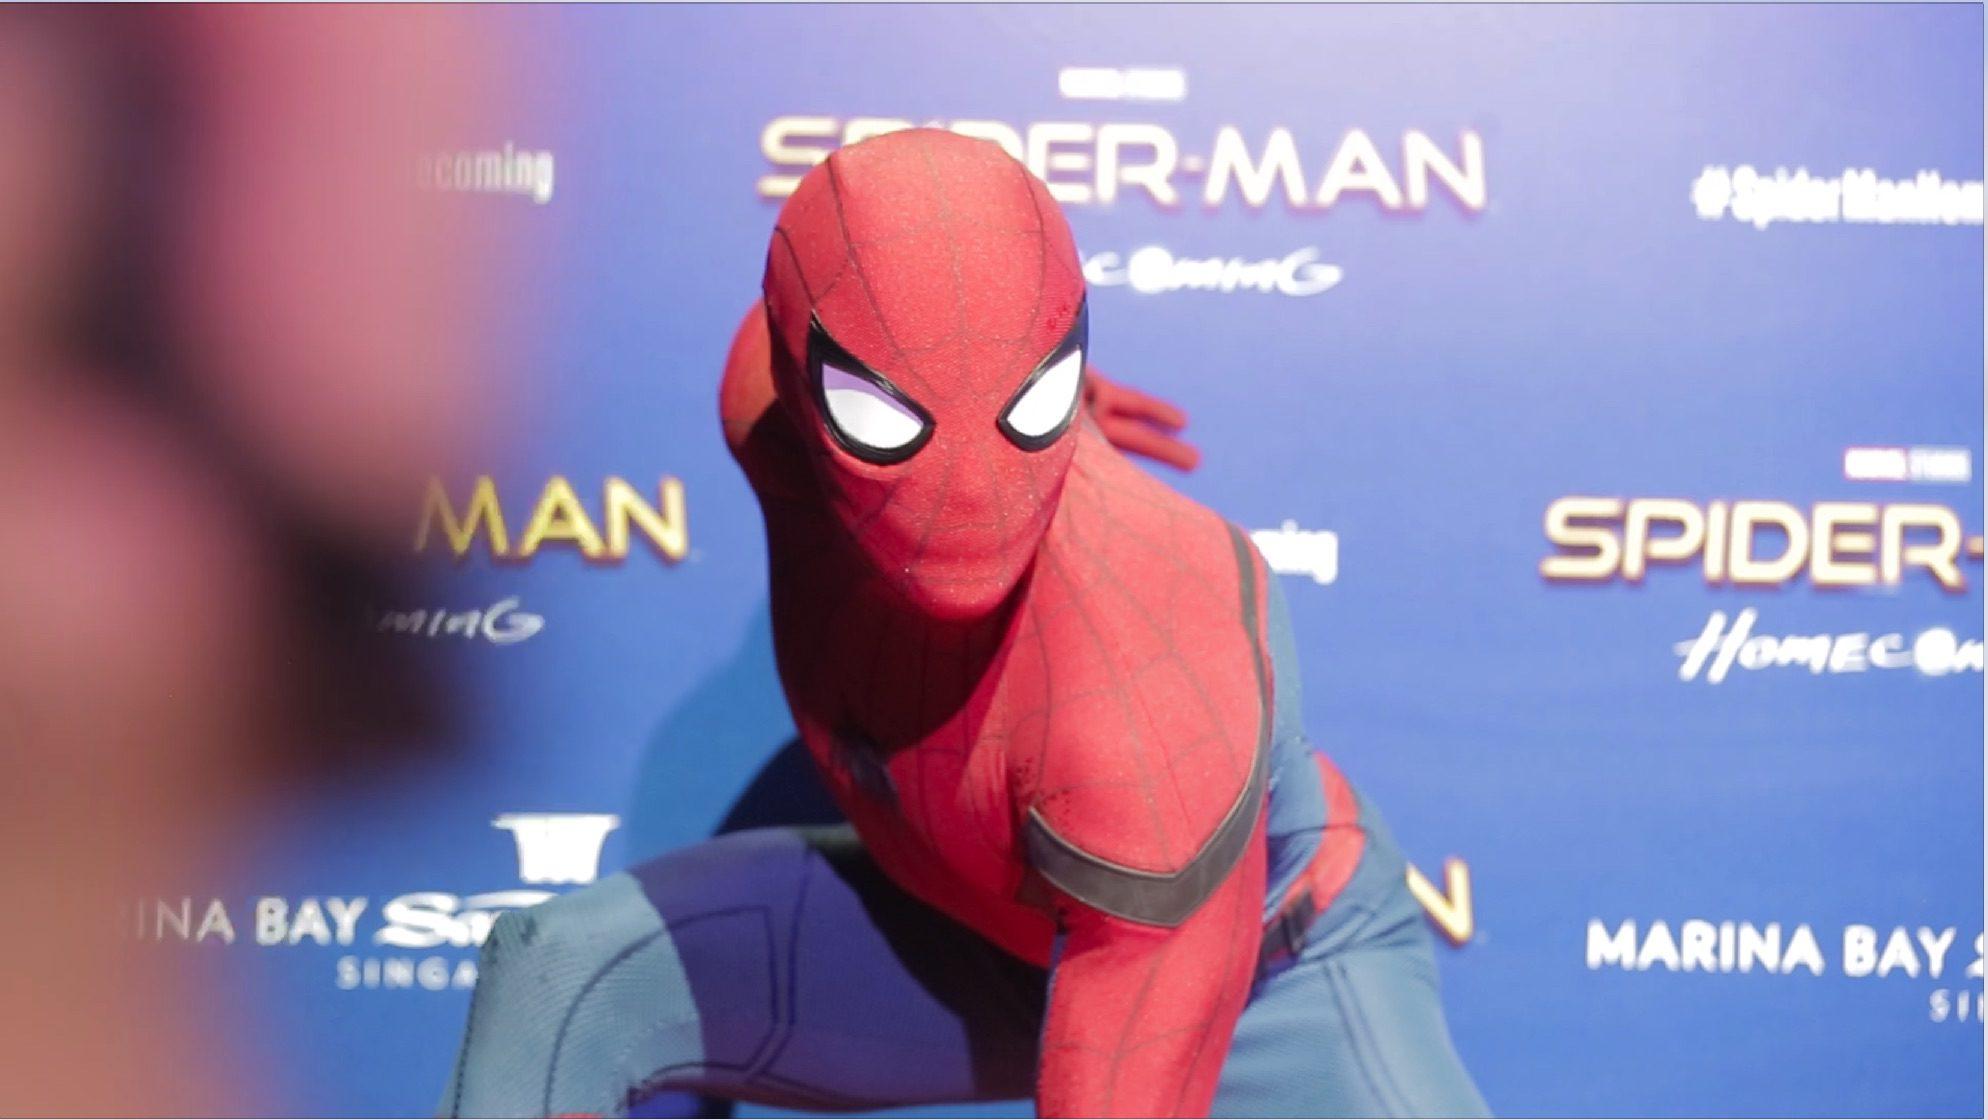 Is that Spider-Man?